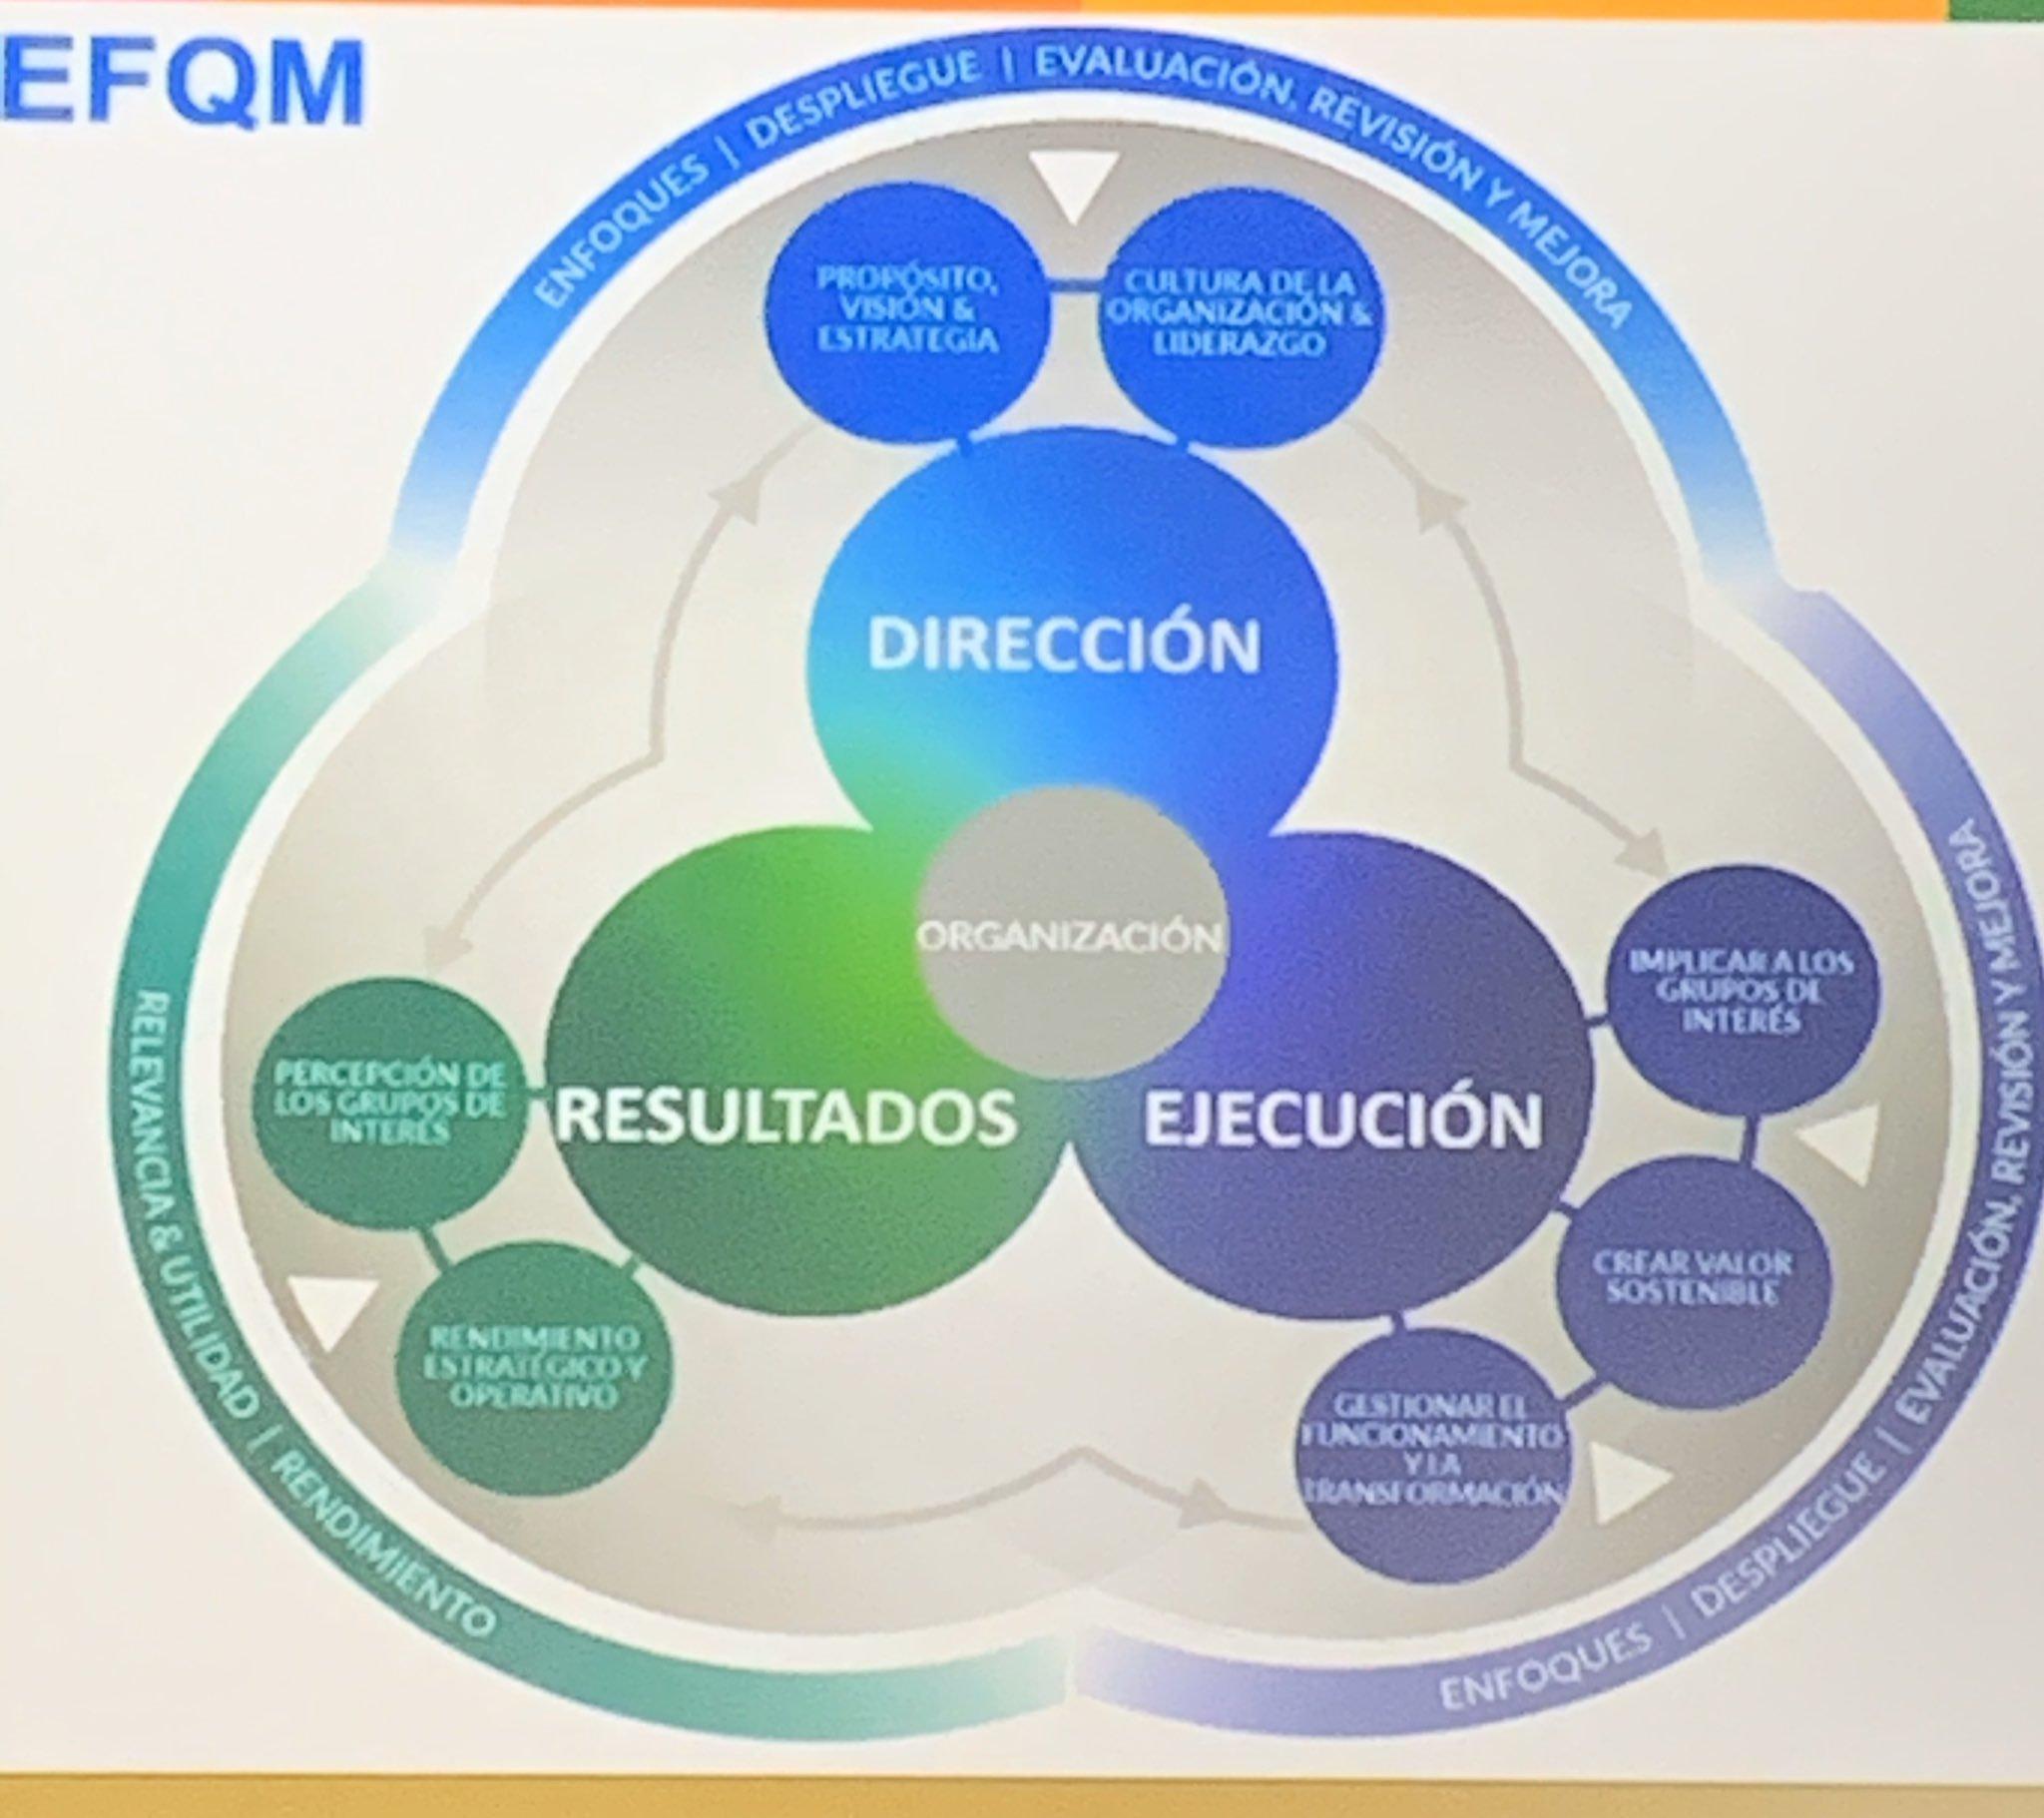 Transformando la Excelencia. El Modelo EFQM 2020 | HABLEMOS DE TECNO TALENTO